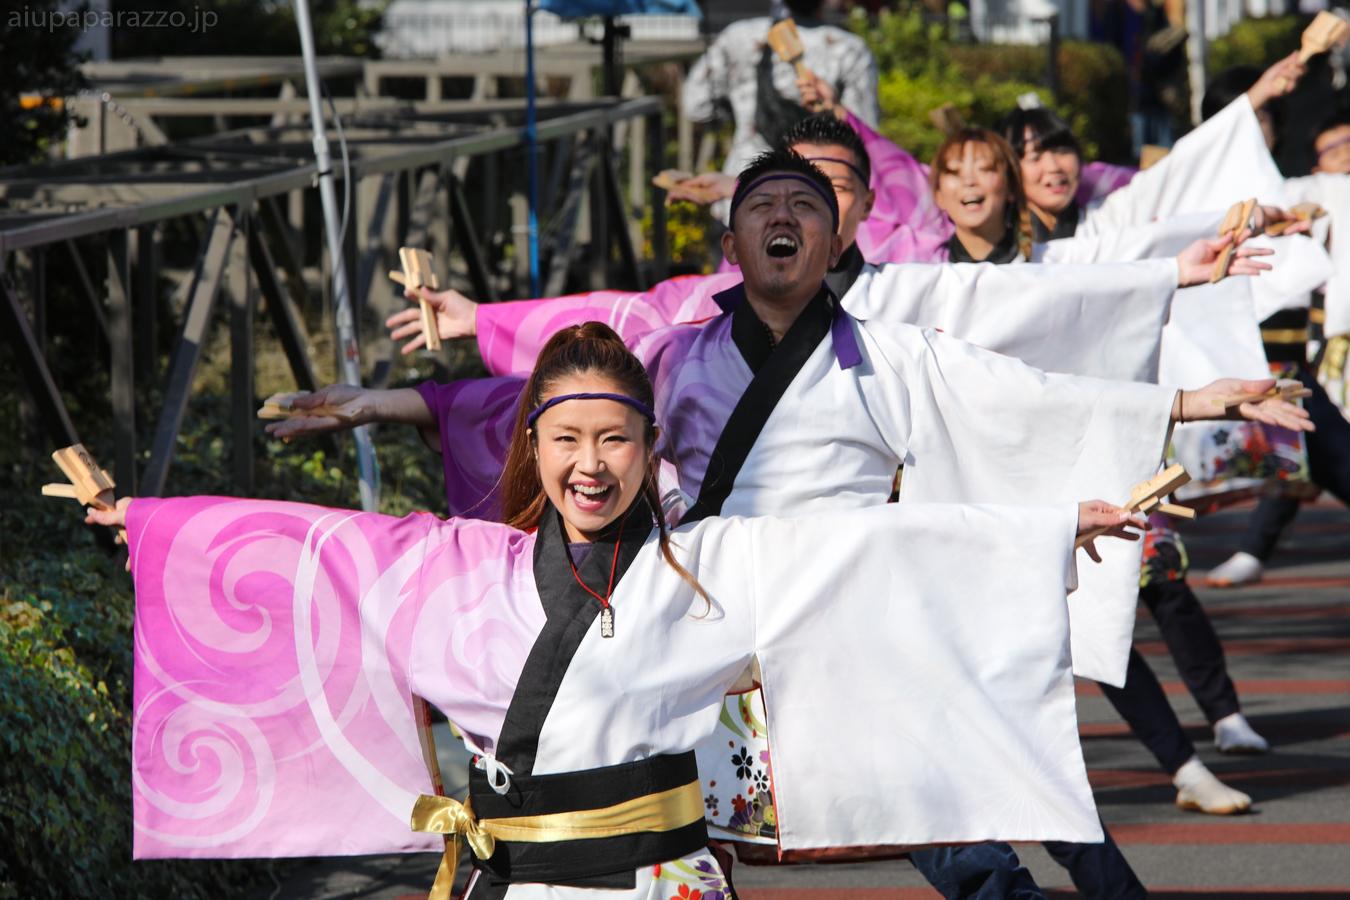 kabuki2016ran_oyachai-27.jpg